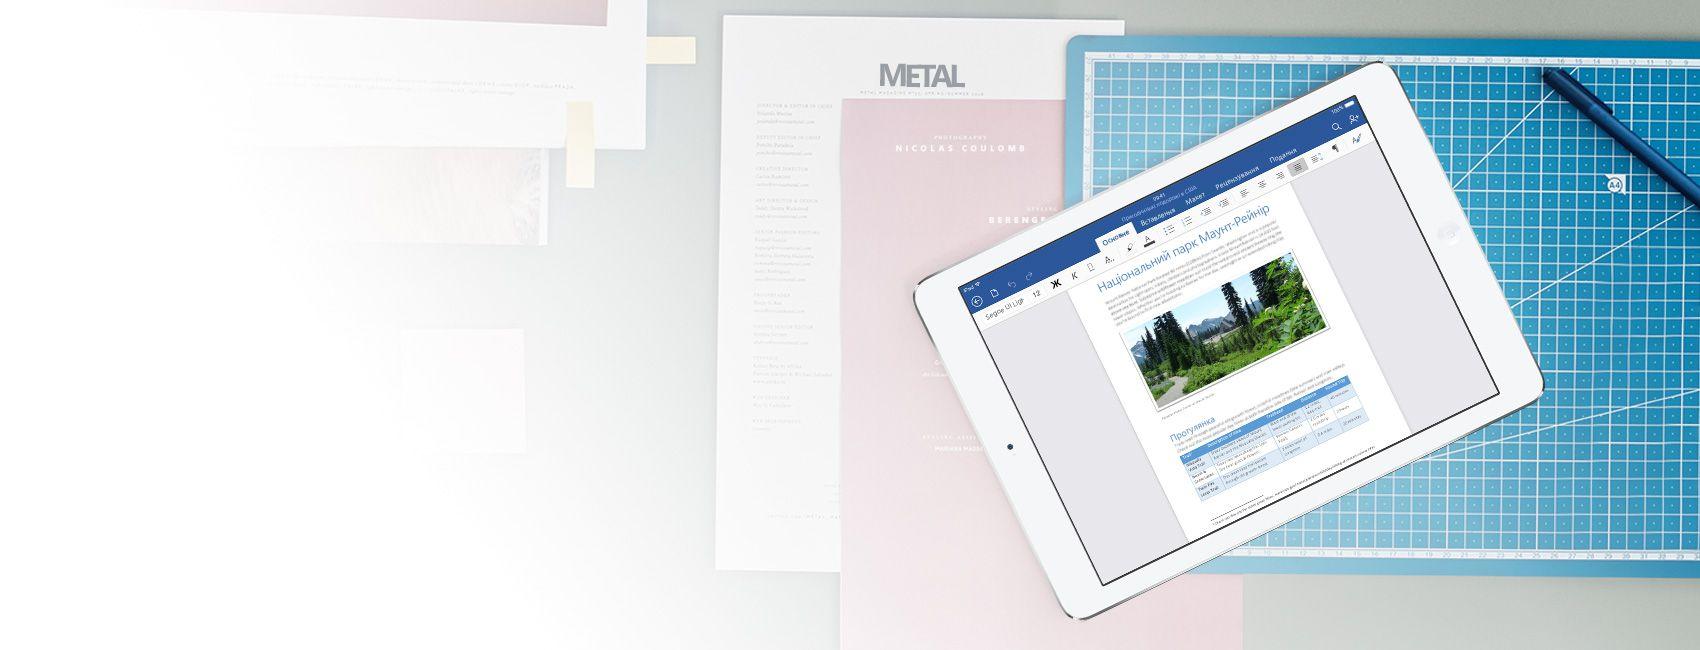 Планшет iPad, на якому відкрито документ Word із відомостями про Національний парк Маунт-Рейнір у програмі Word для iOS